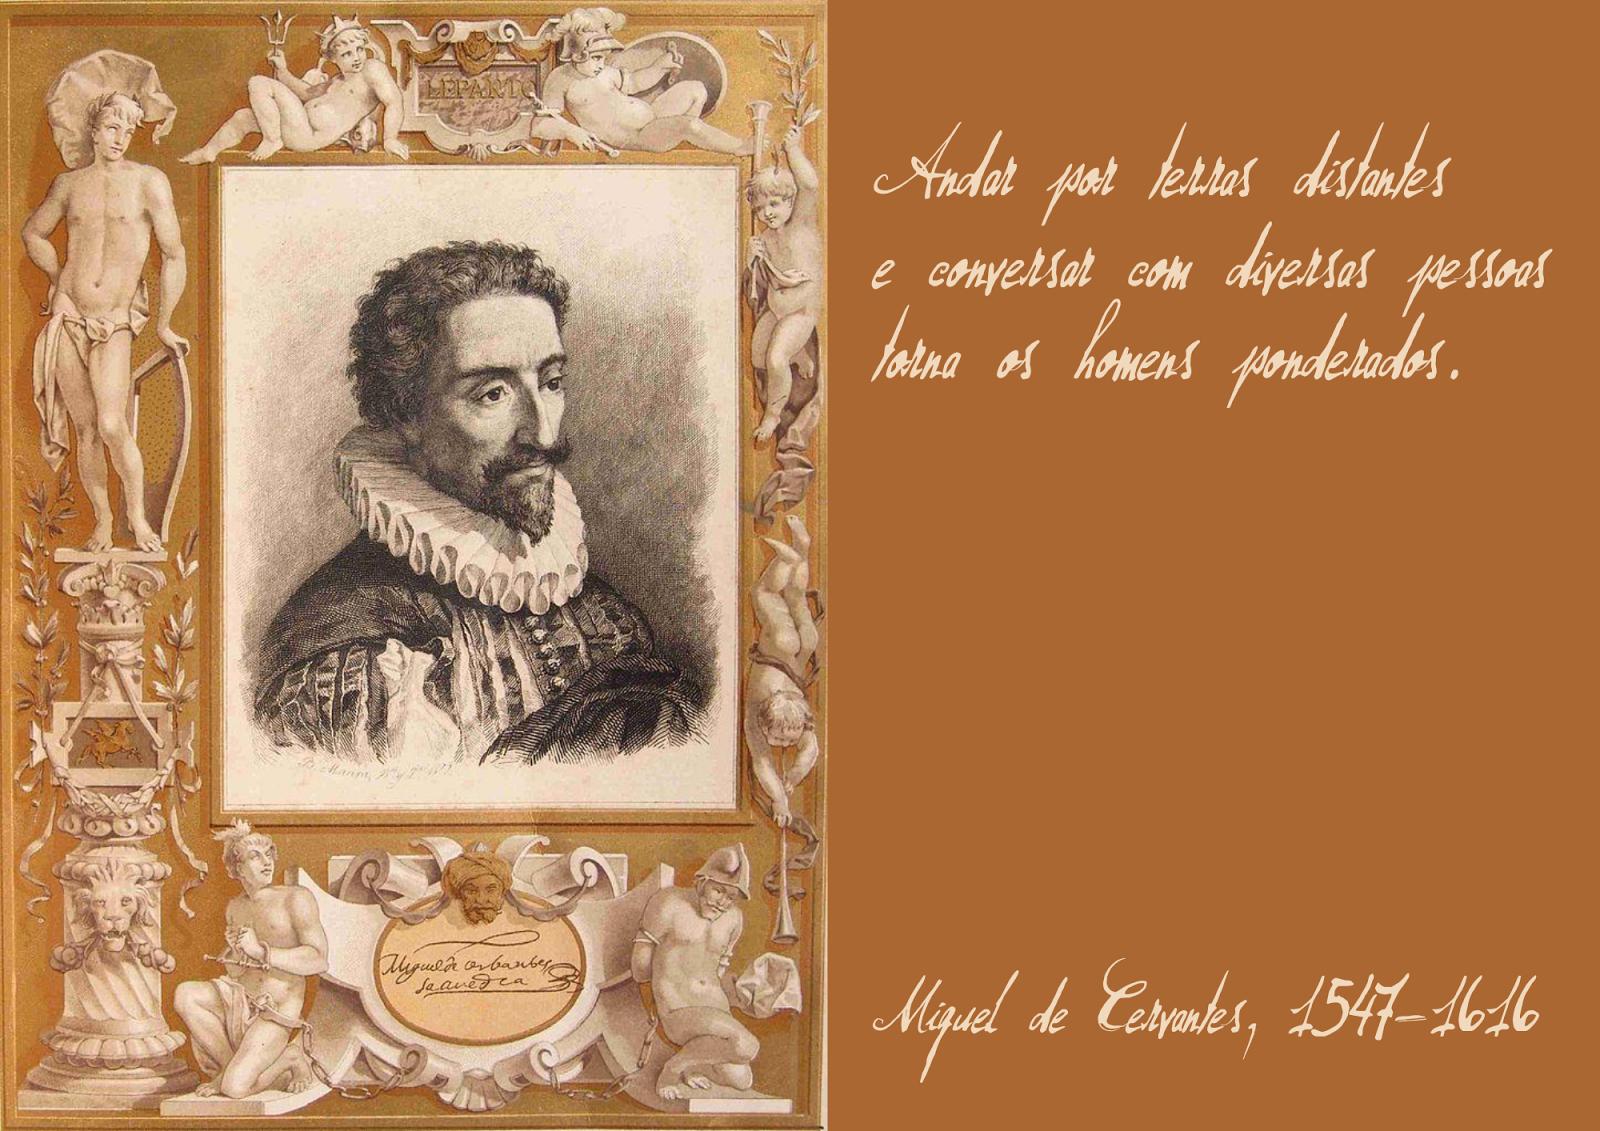 Diálogos con acontecimientos, predicciones, anécdotas y agenda del  año 2015 - Página 3 Cervantes